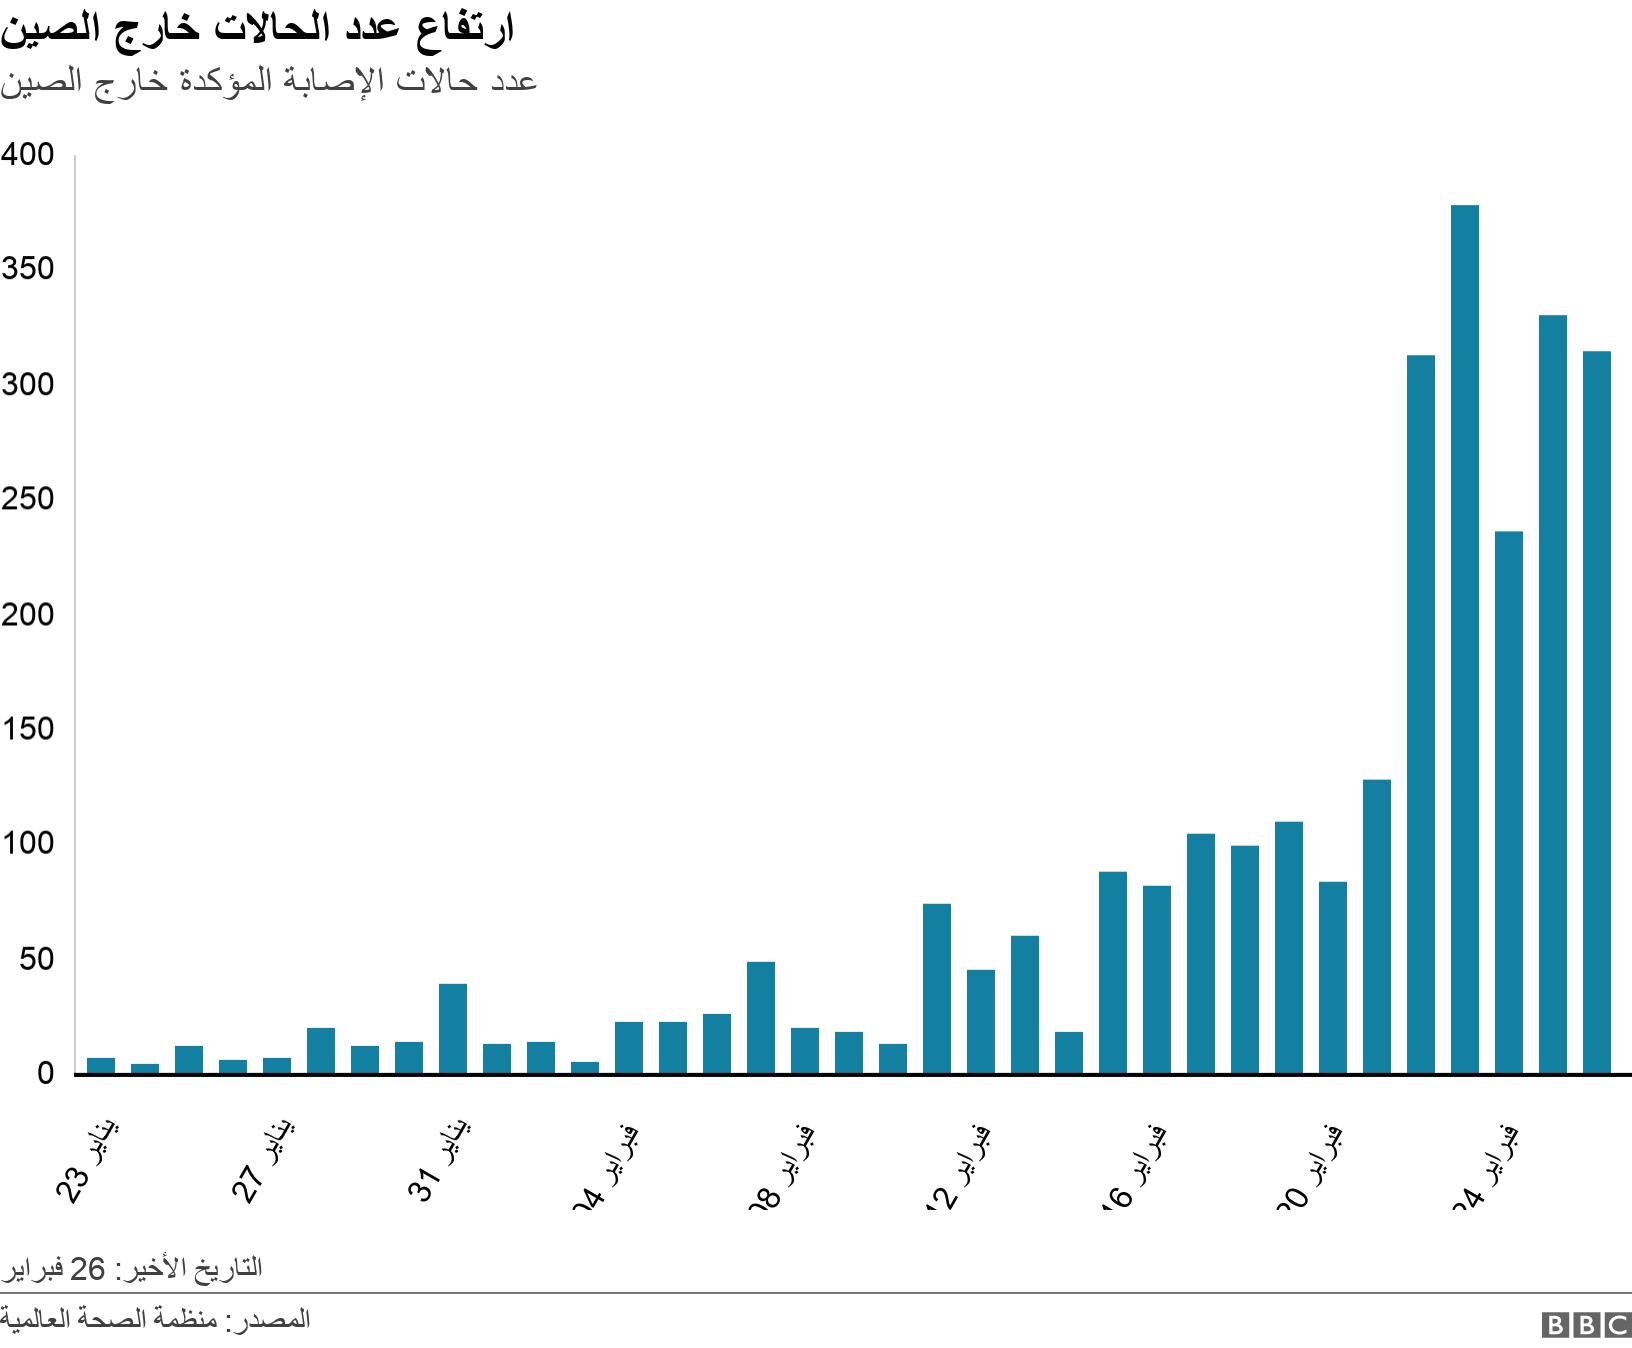 ارتفاع عدد الحالات خارج الصين. عدد حالات الإصابة المؤكدة خارج الصين.  التاريخ الأخير: 26 فبراير.